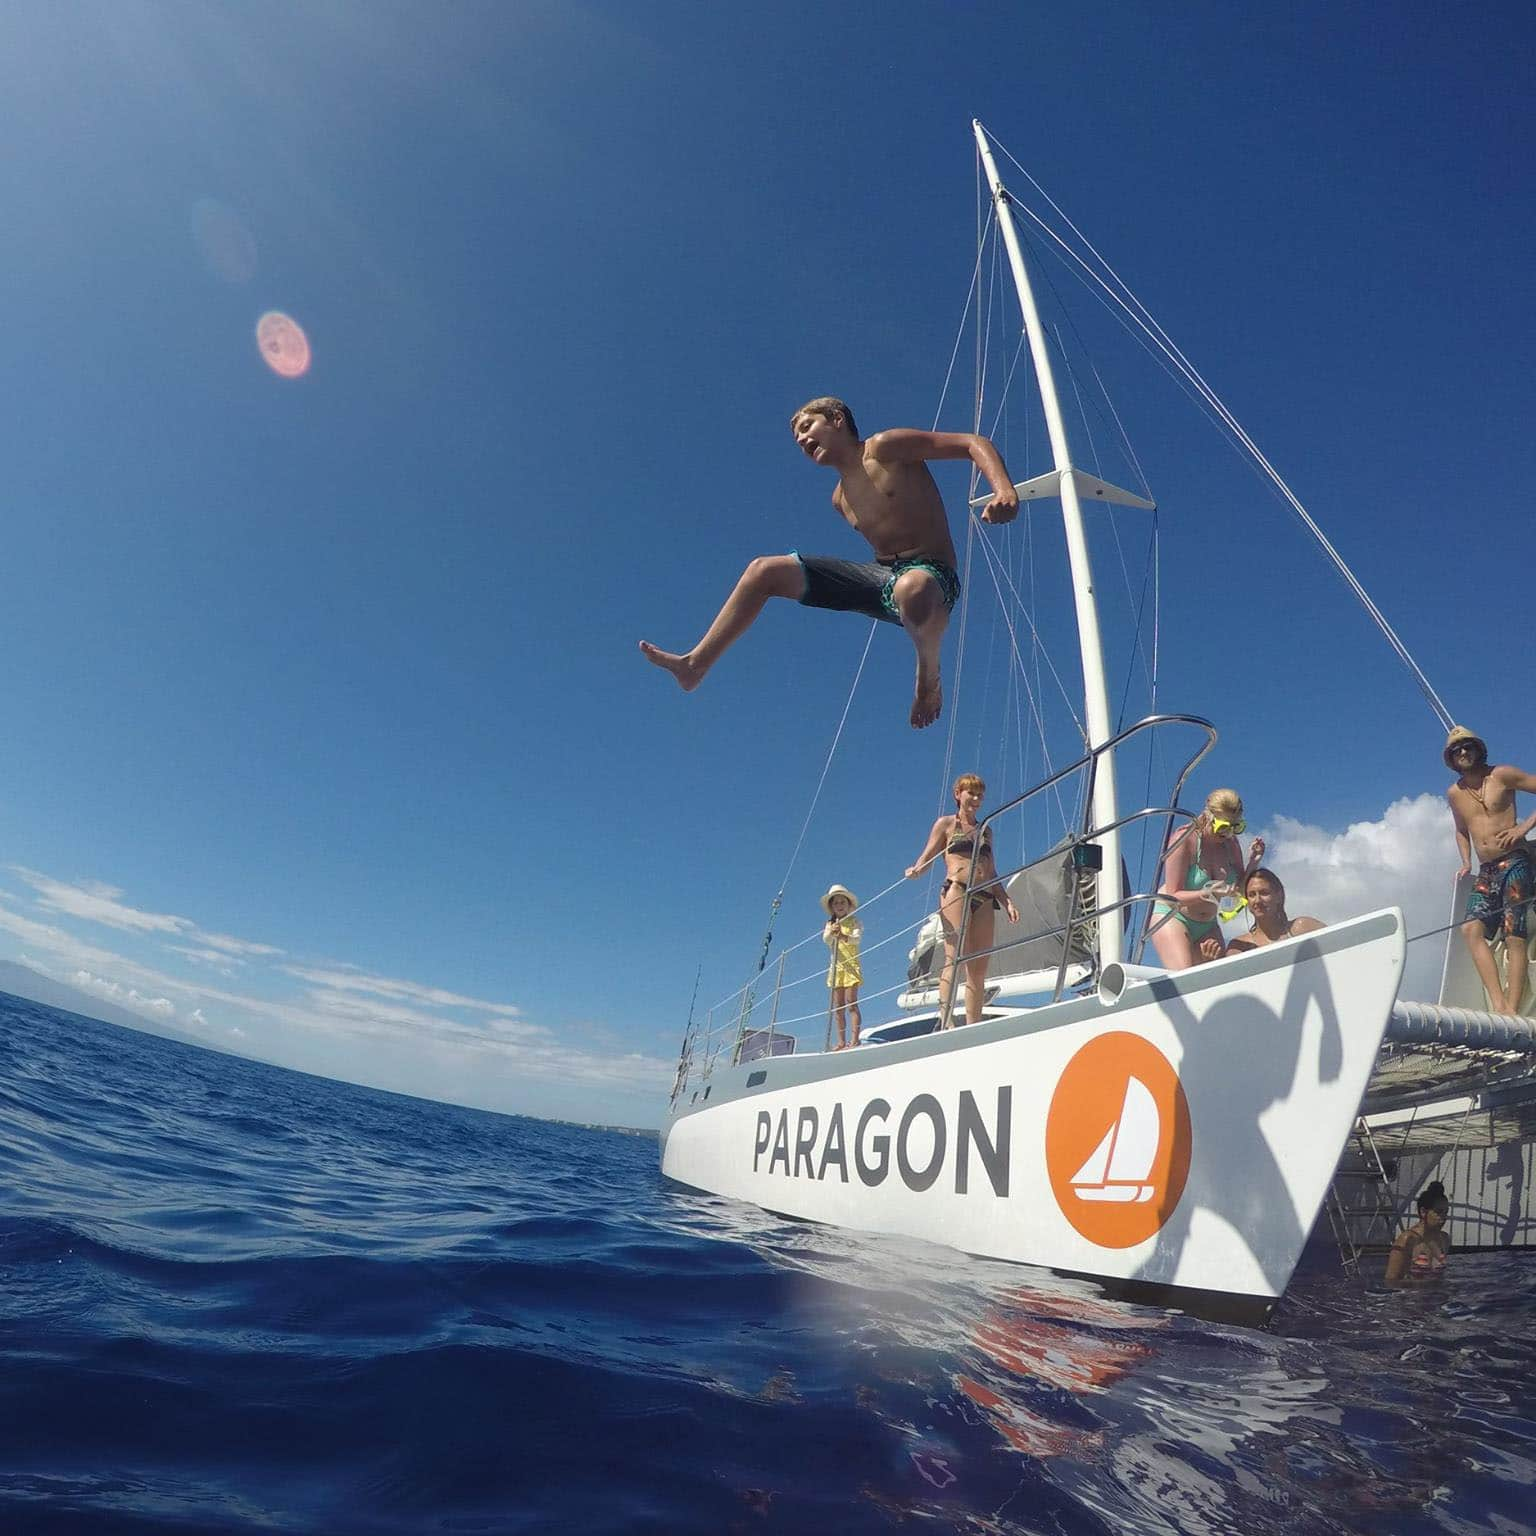 Paragon Sailing – Lanai Snorkeling